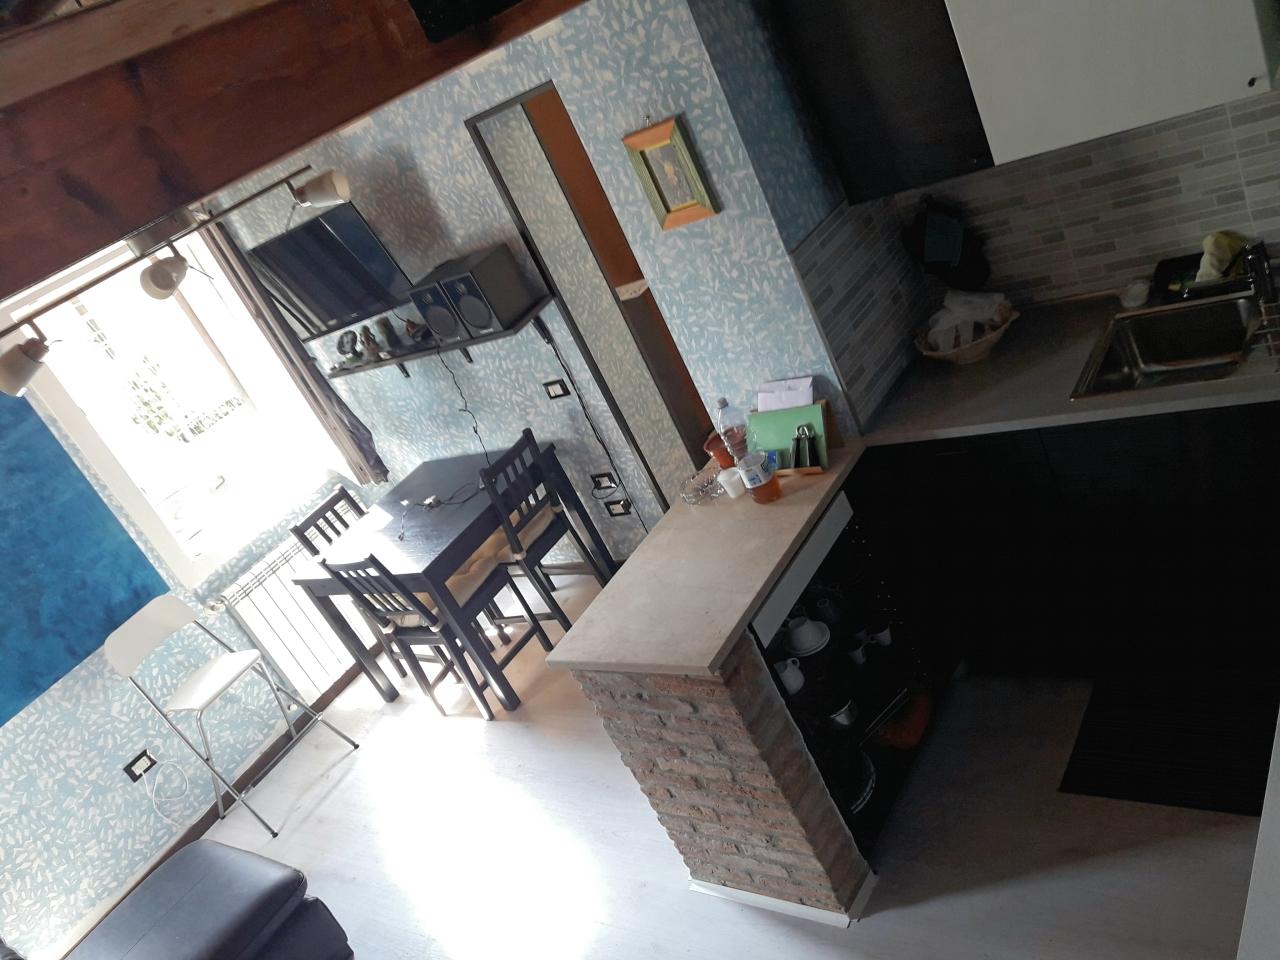 Semindipendente - Porzione di casa a Boara Polesine, Rovigo